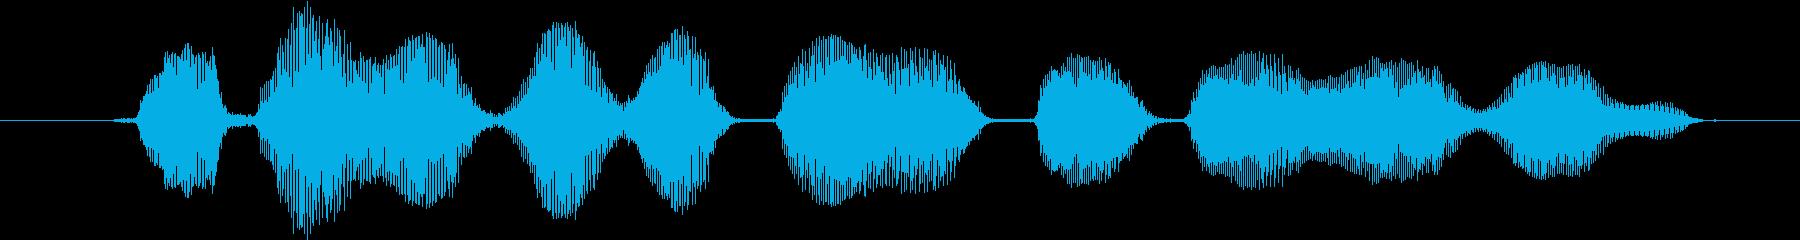 鳴き声 ゴブリン笑い02の再生済みの波形